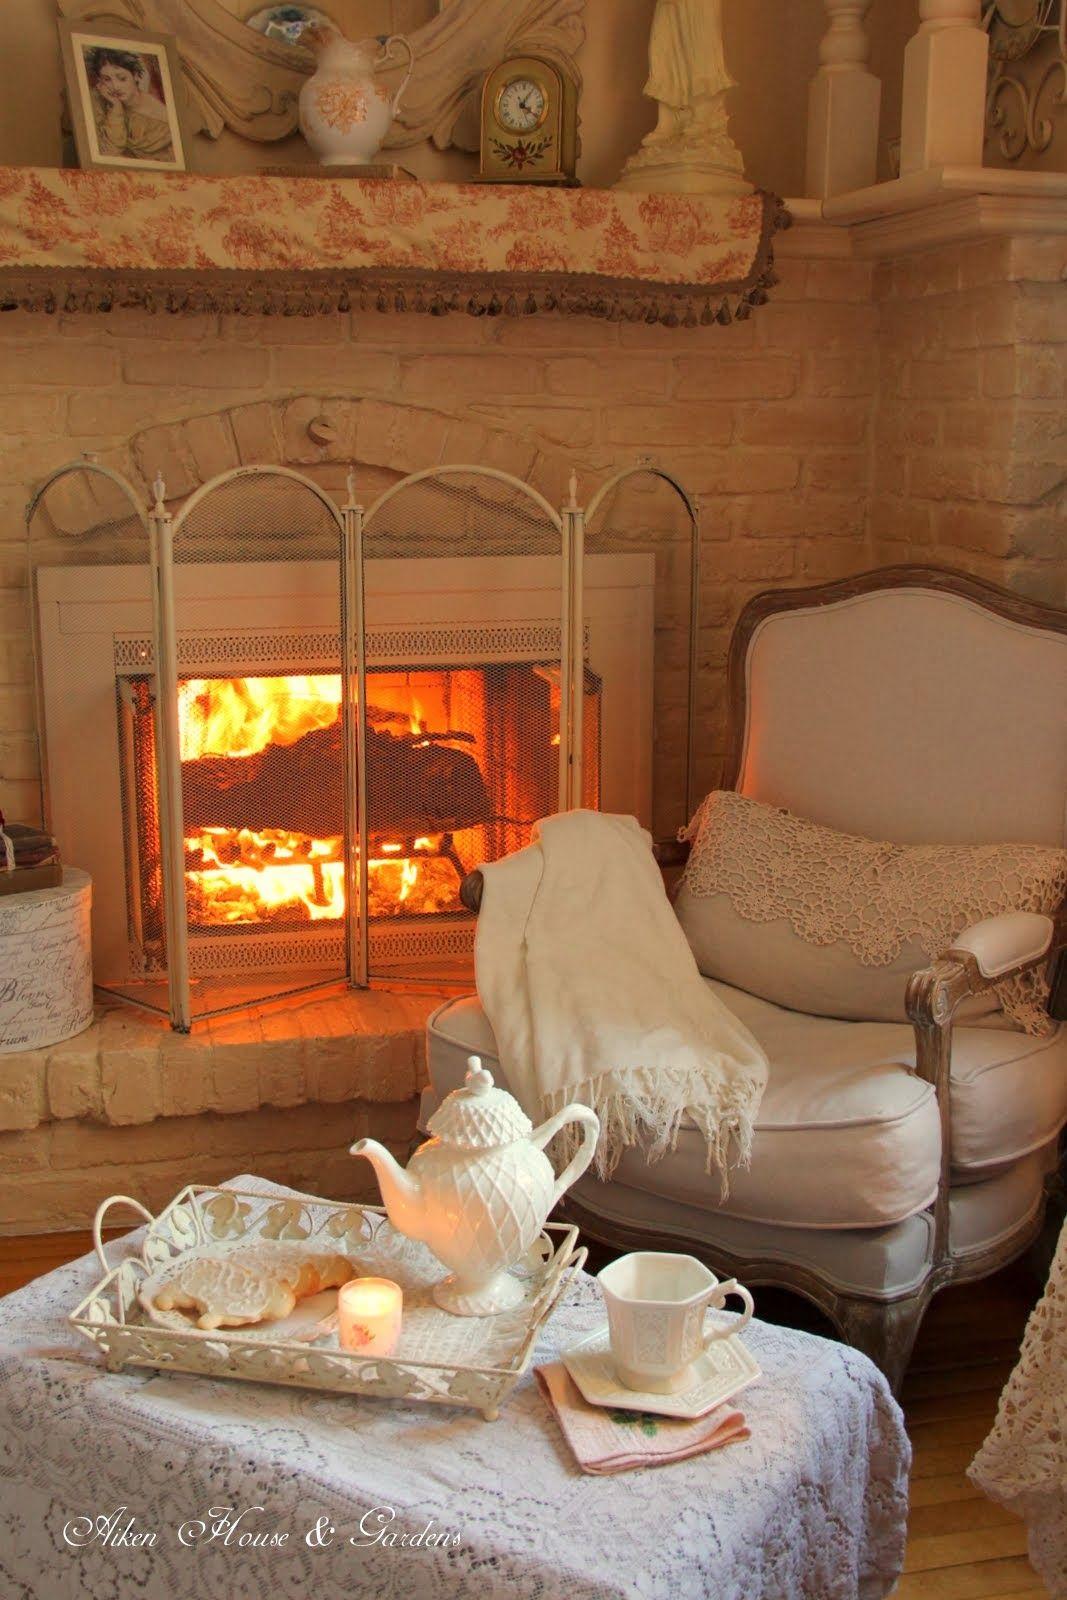 красивые зимние картинки домашнего уюта этом году решили